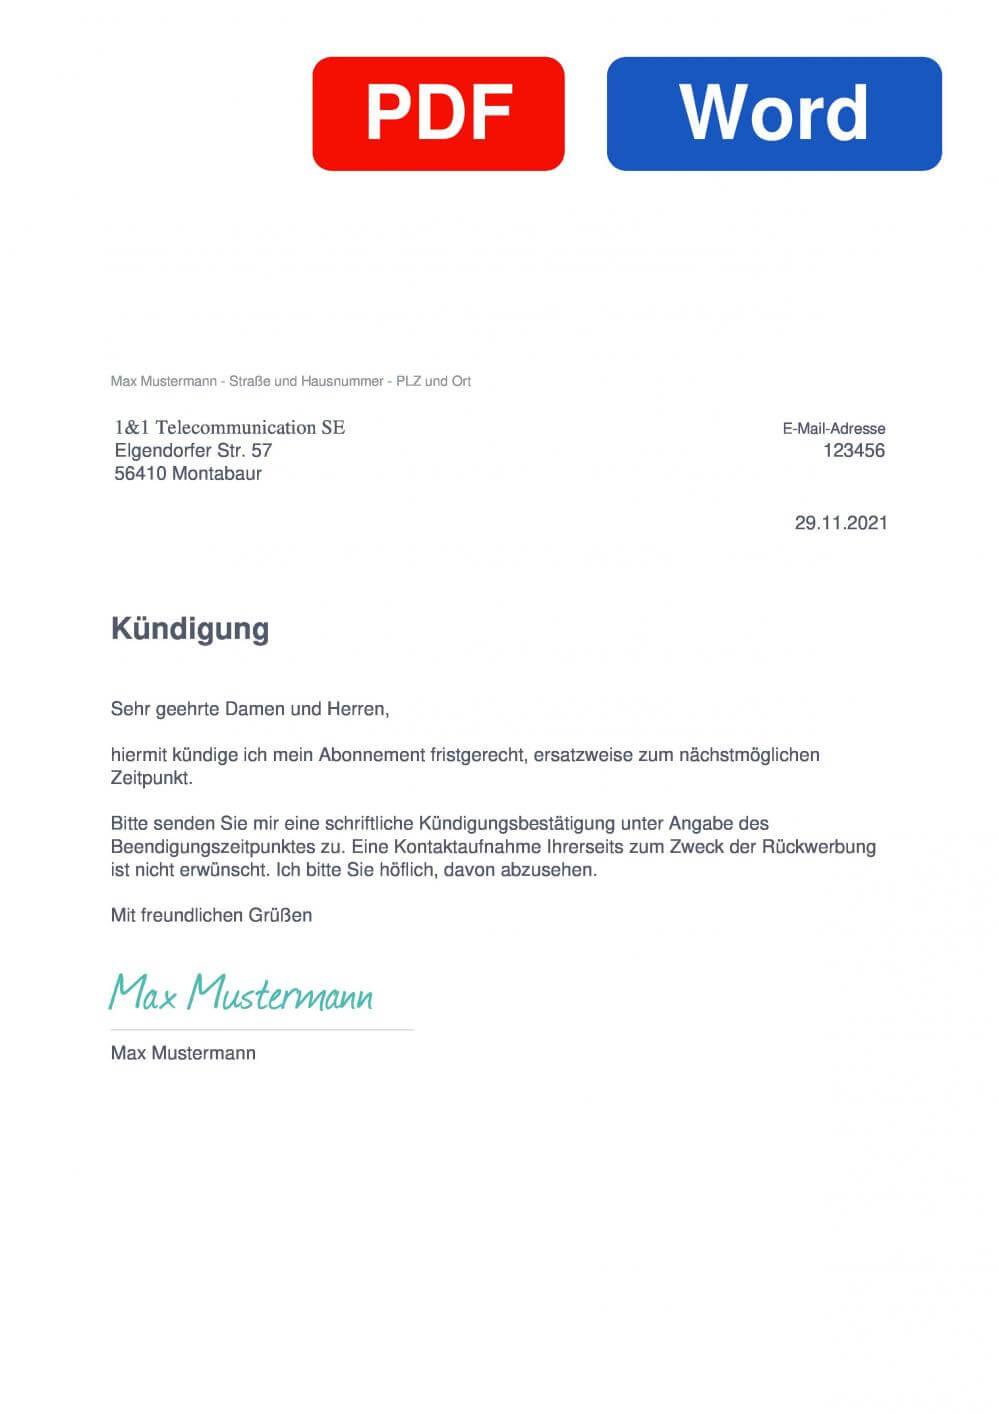 WEB.DE Deezer Muster Vorlage für Kündigungsschreiben